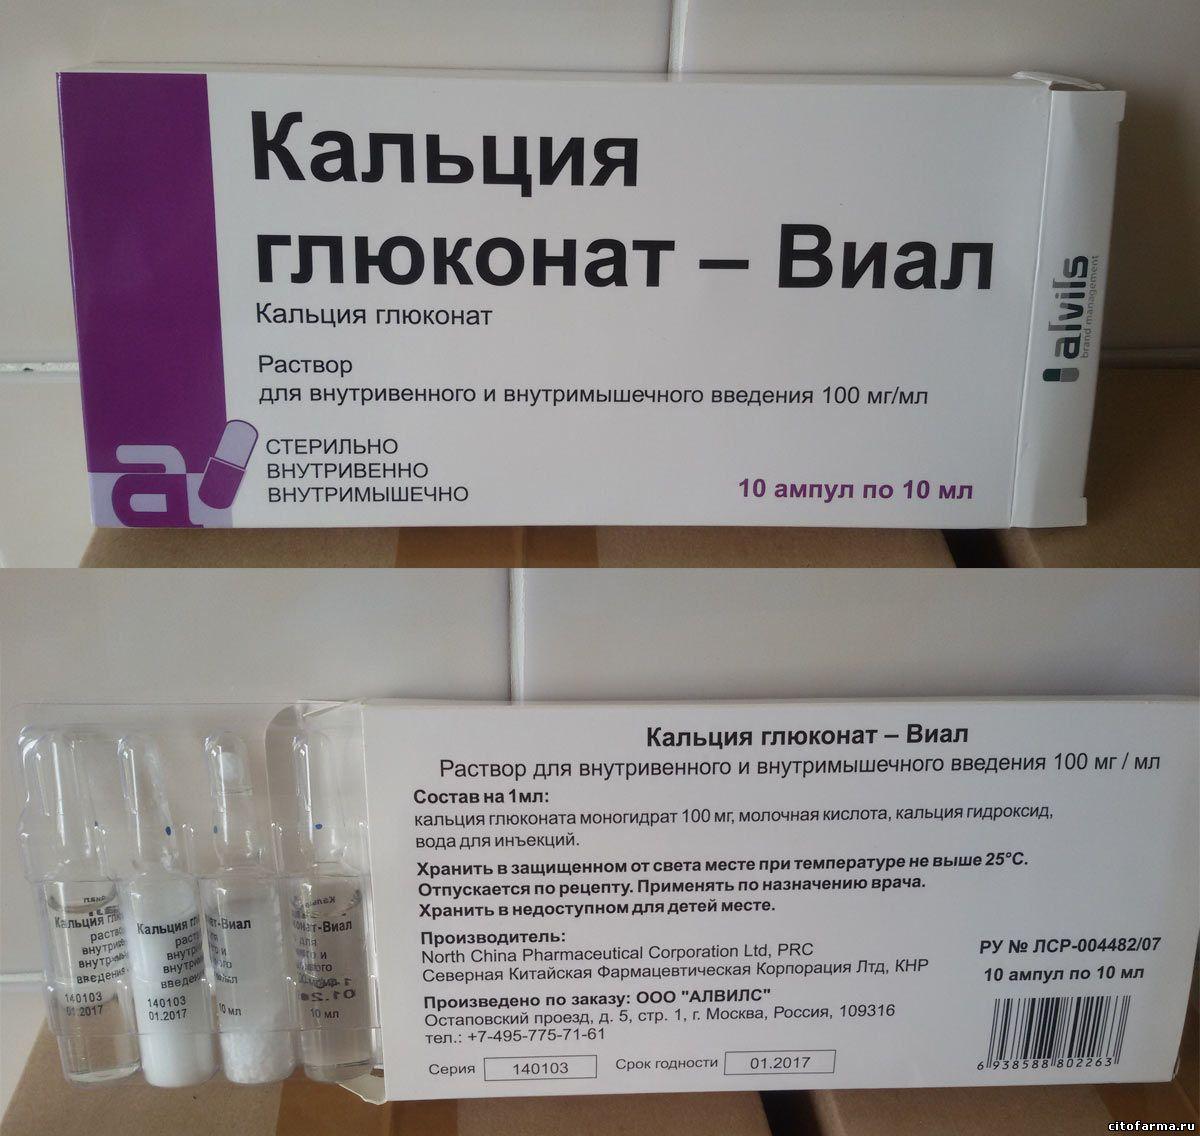 Бракованные лекарства, Кальция глюконат